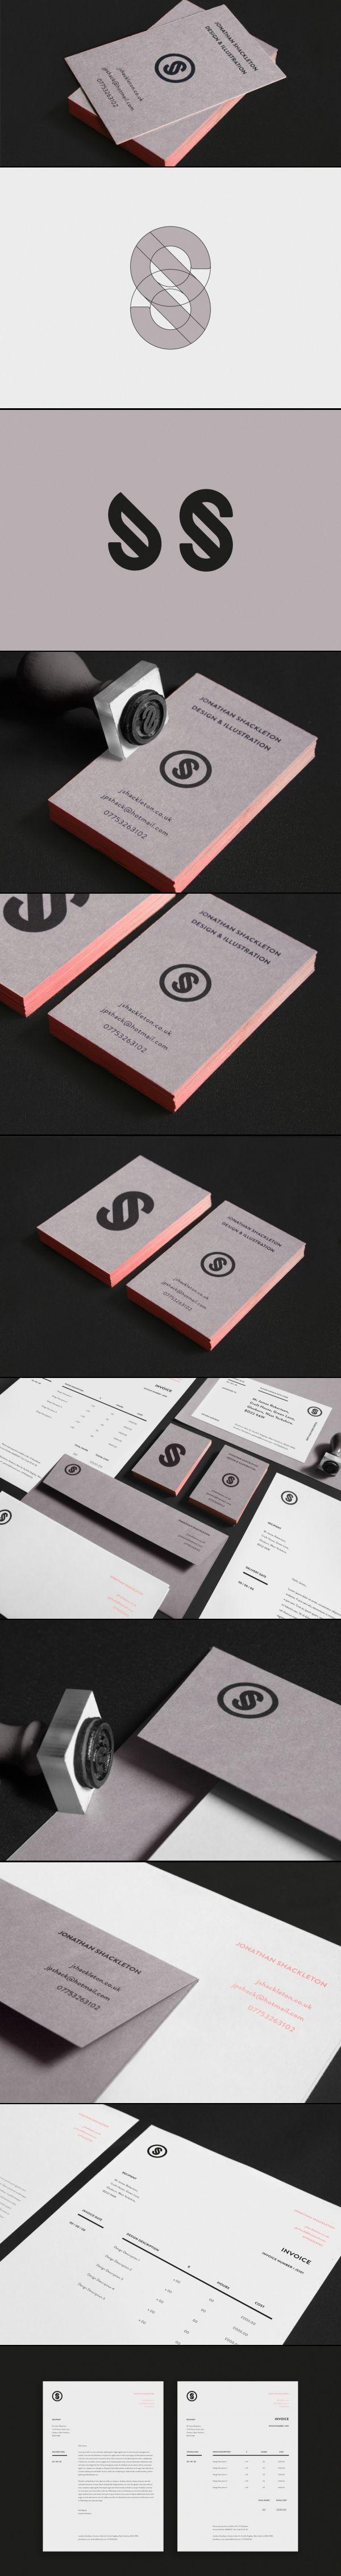 40 utilisations de tampons pour créer un graphisme original - Inspiration graphique #15 | BlogDuWebdesign